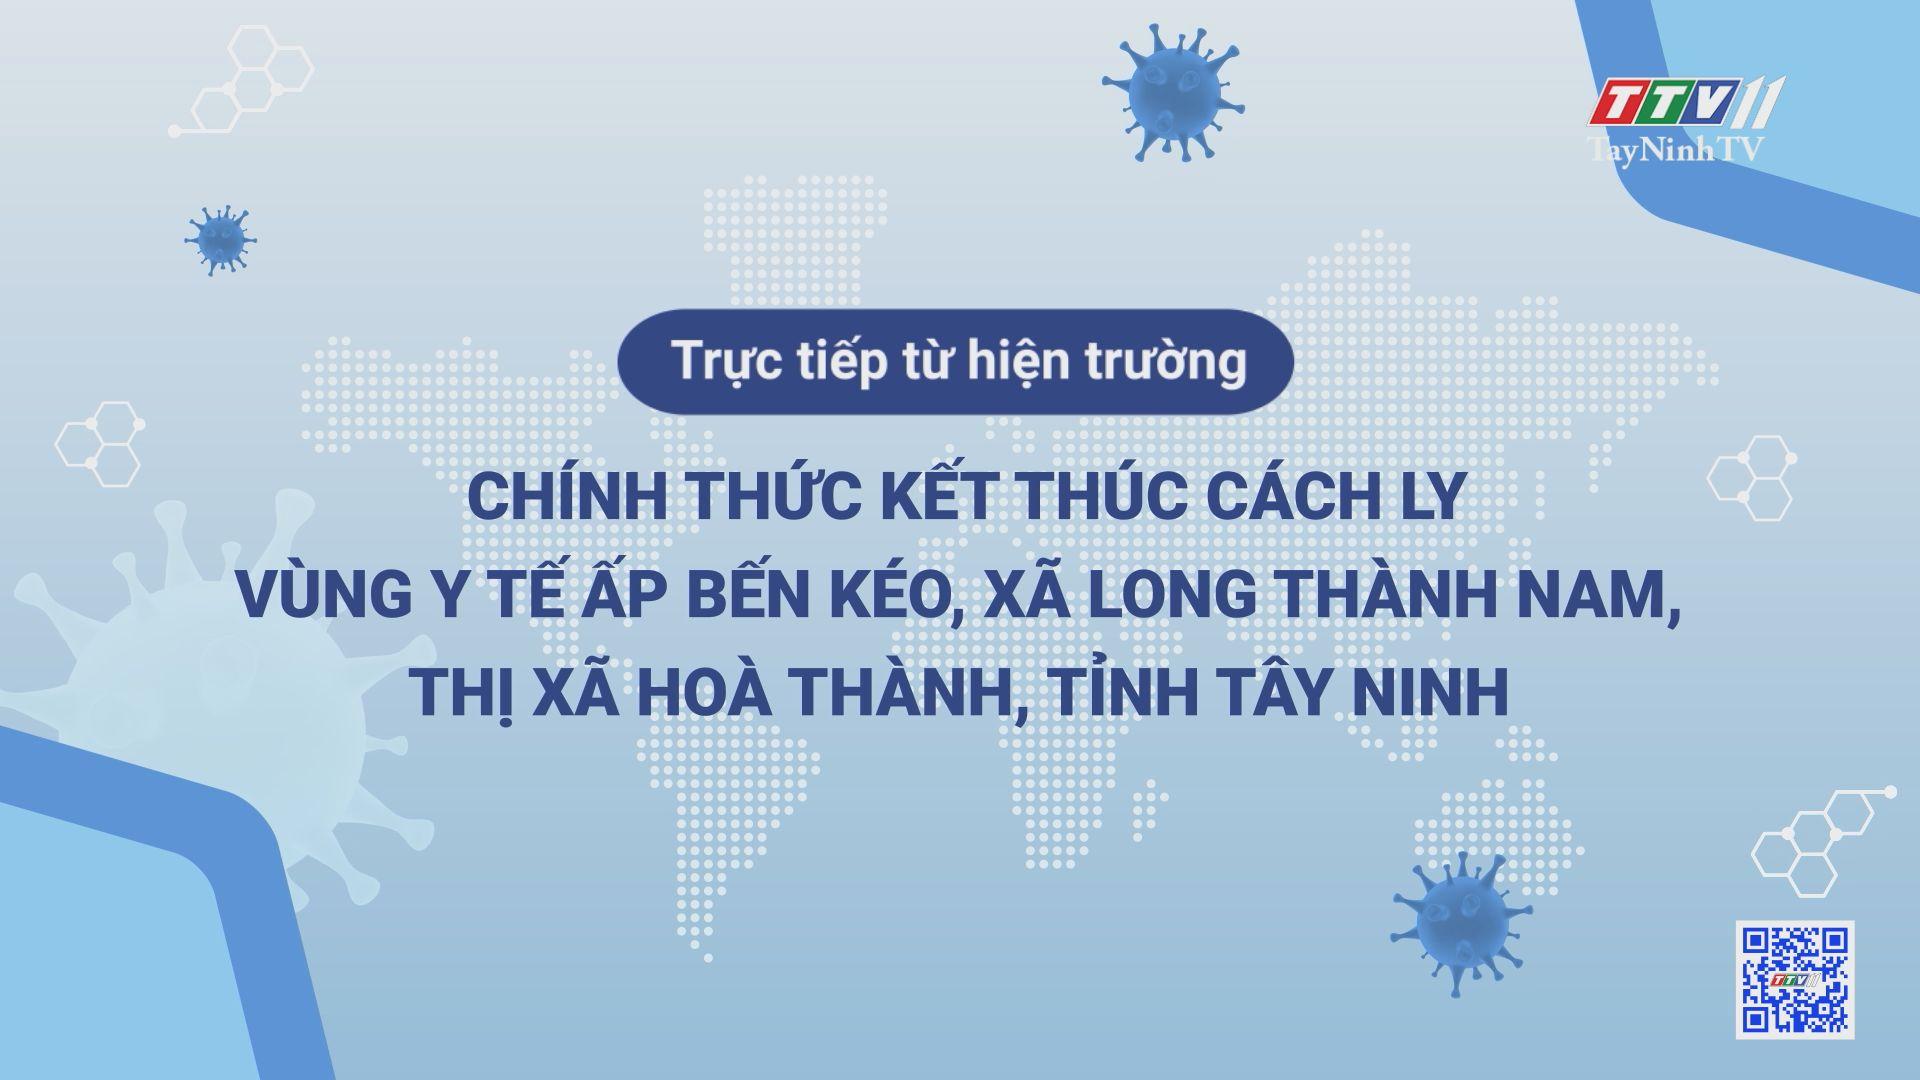 Trực tiếp hiện trường - Chính thức kết thúc cách ly vùng y tế ấp Bến Kéo, xã Long Thành Nam, thị xã Hòa Thành, tỉnh Tây Ninh | THÔNG TIN DỊCH CÚM COVID-19 | TayNinhTV